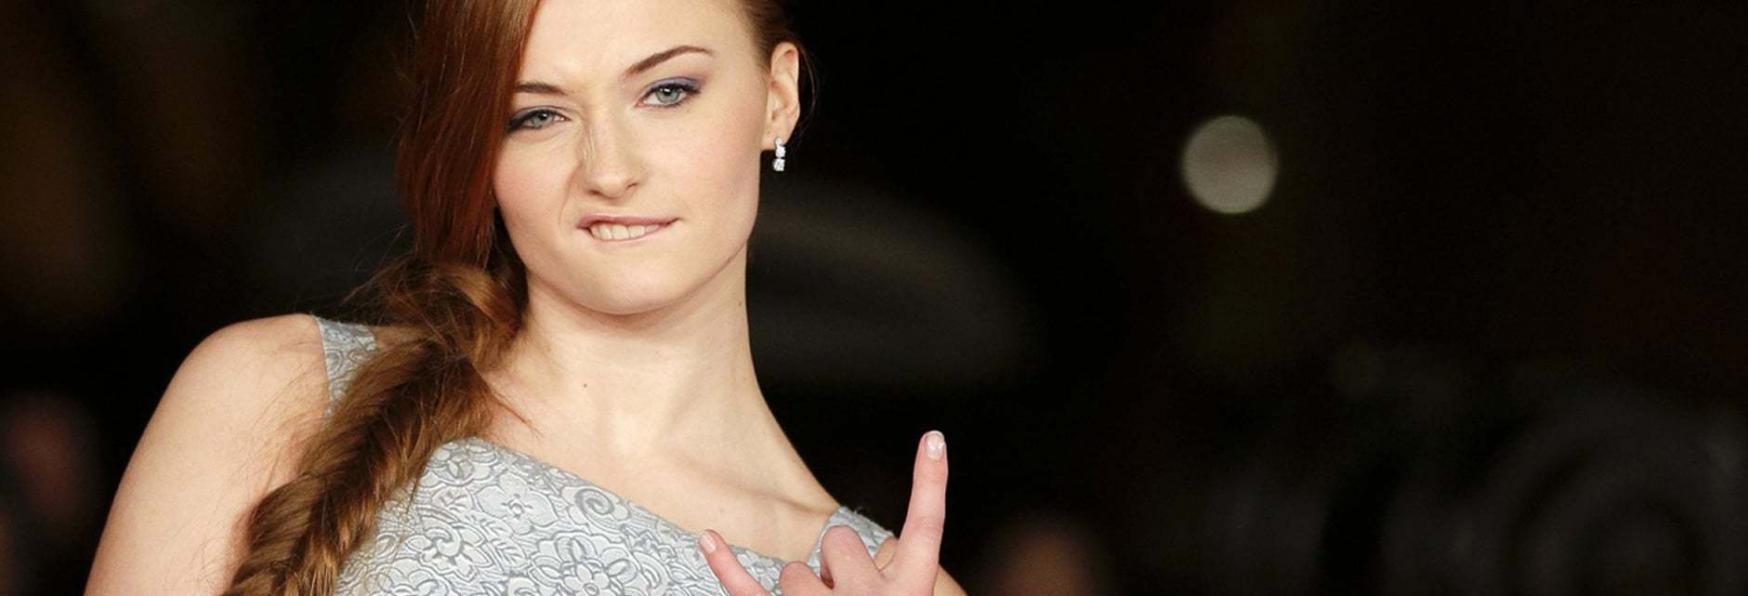 Game of Thrones: Sophie Turner parla del Futuro di Sansa dopo la Fine della Serie TV